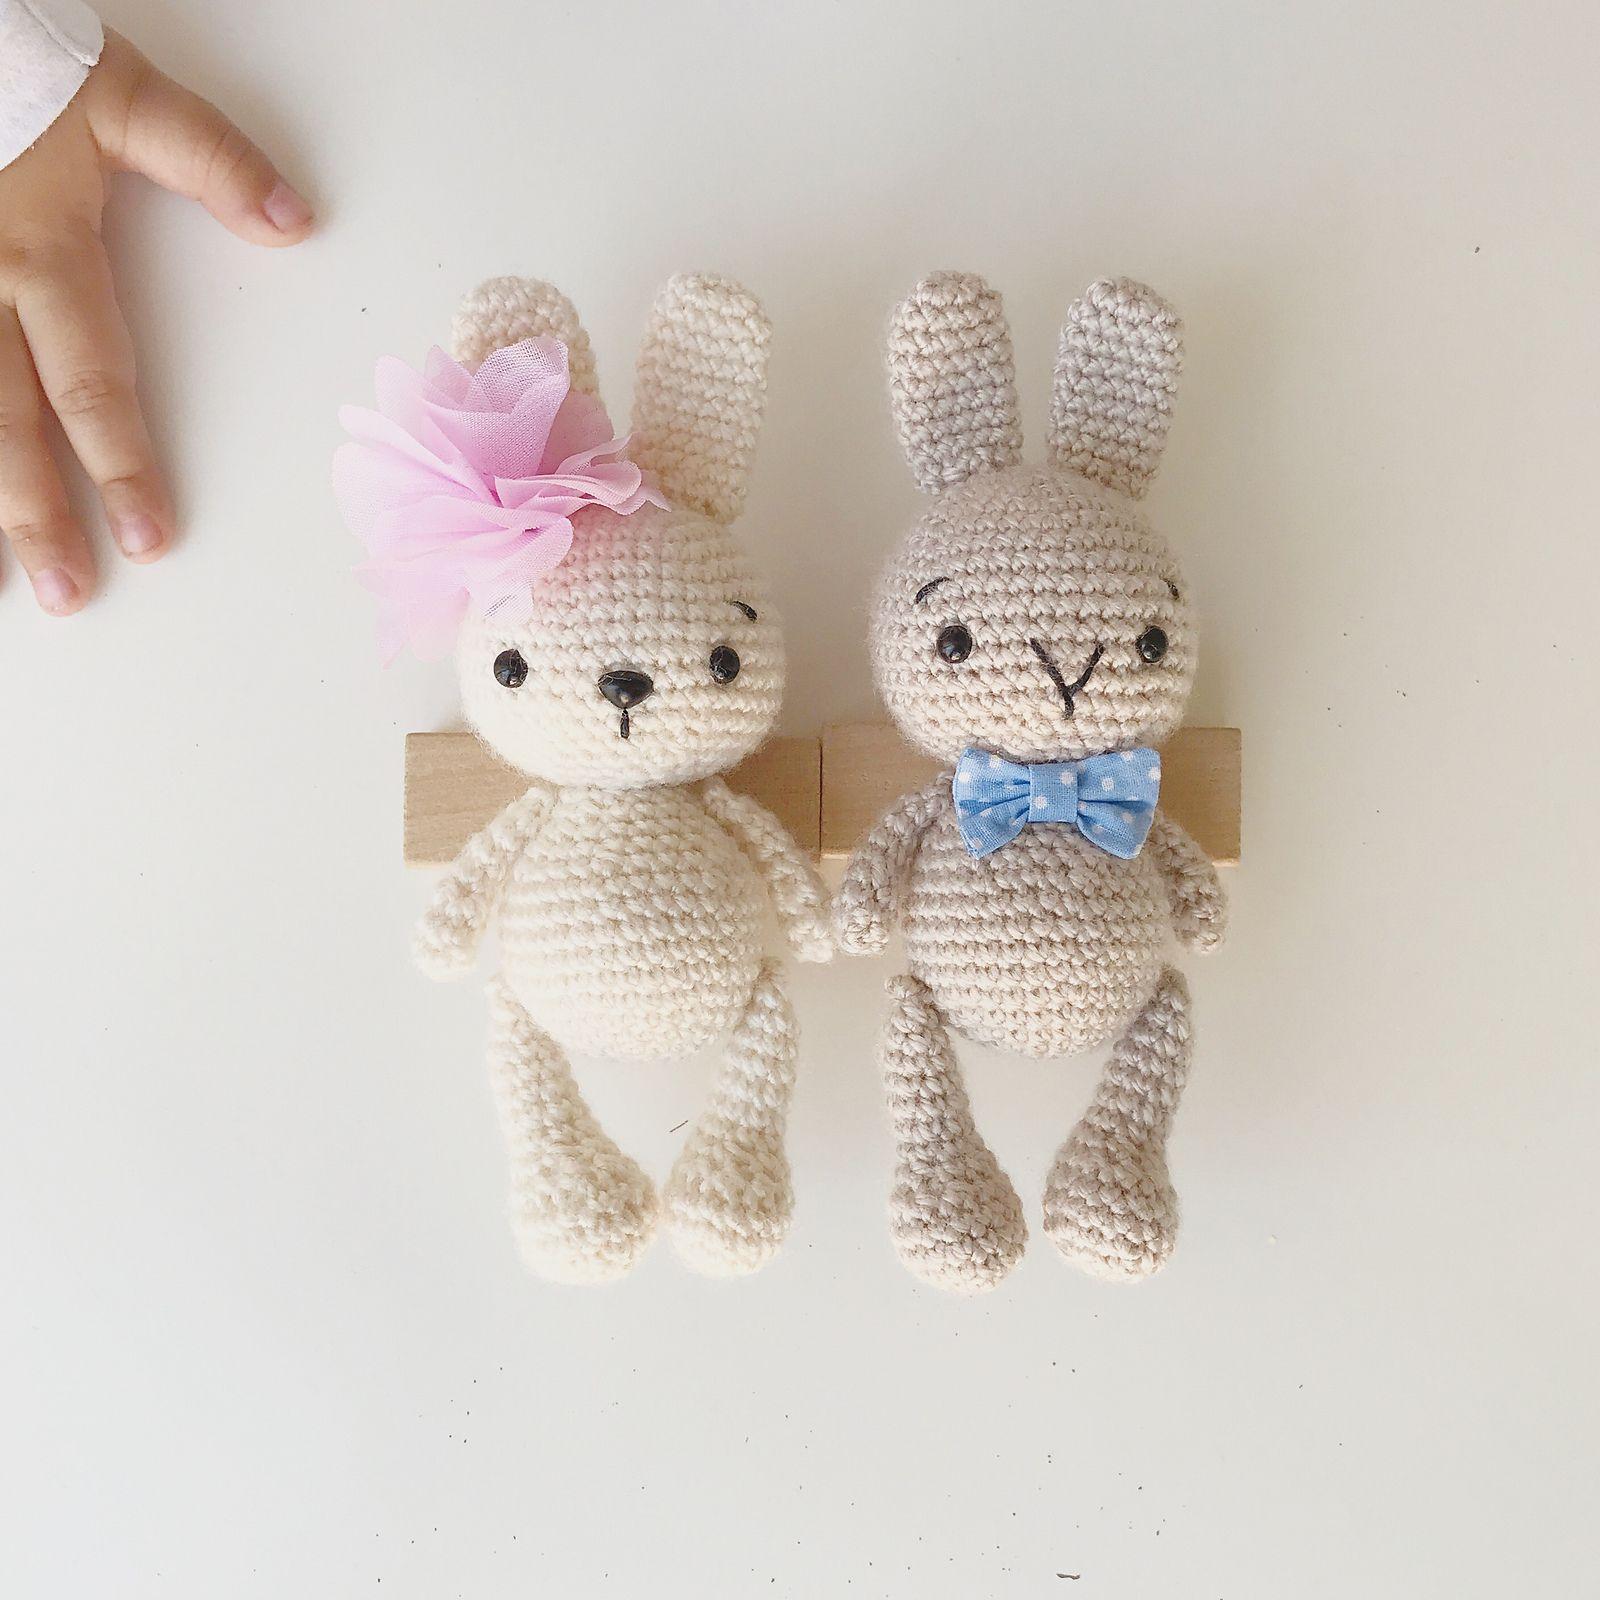 Ravelry: Zipzip Bunny by Elif T. | Mantas de bebé | Pinterest ...